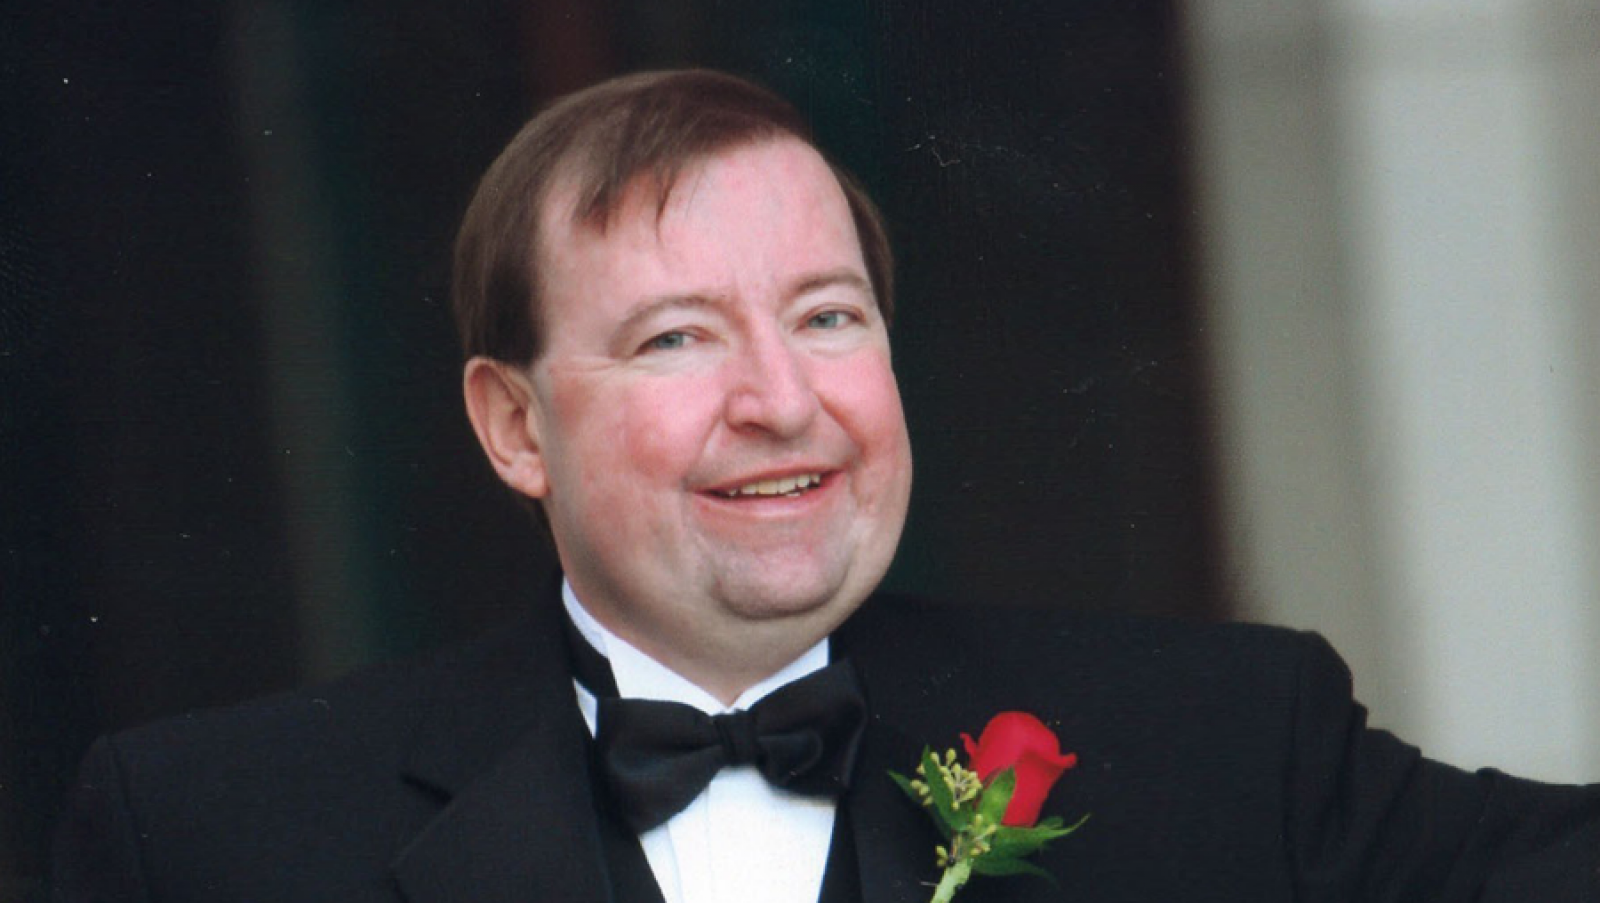 Allan J. Goody